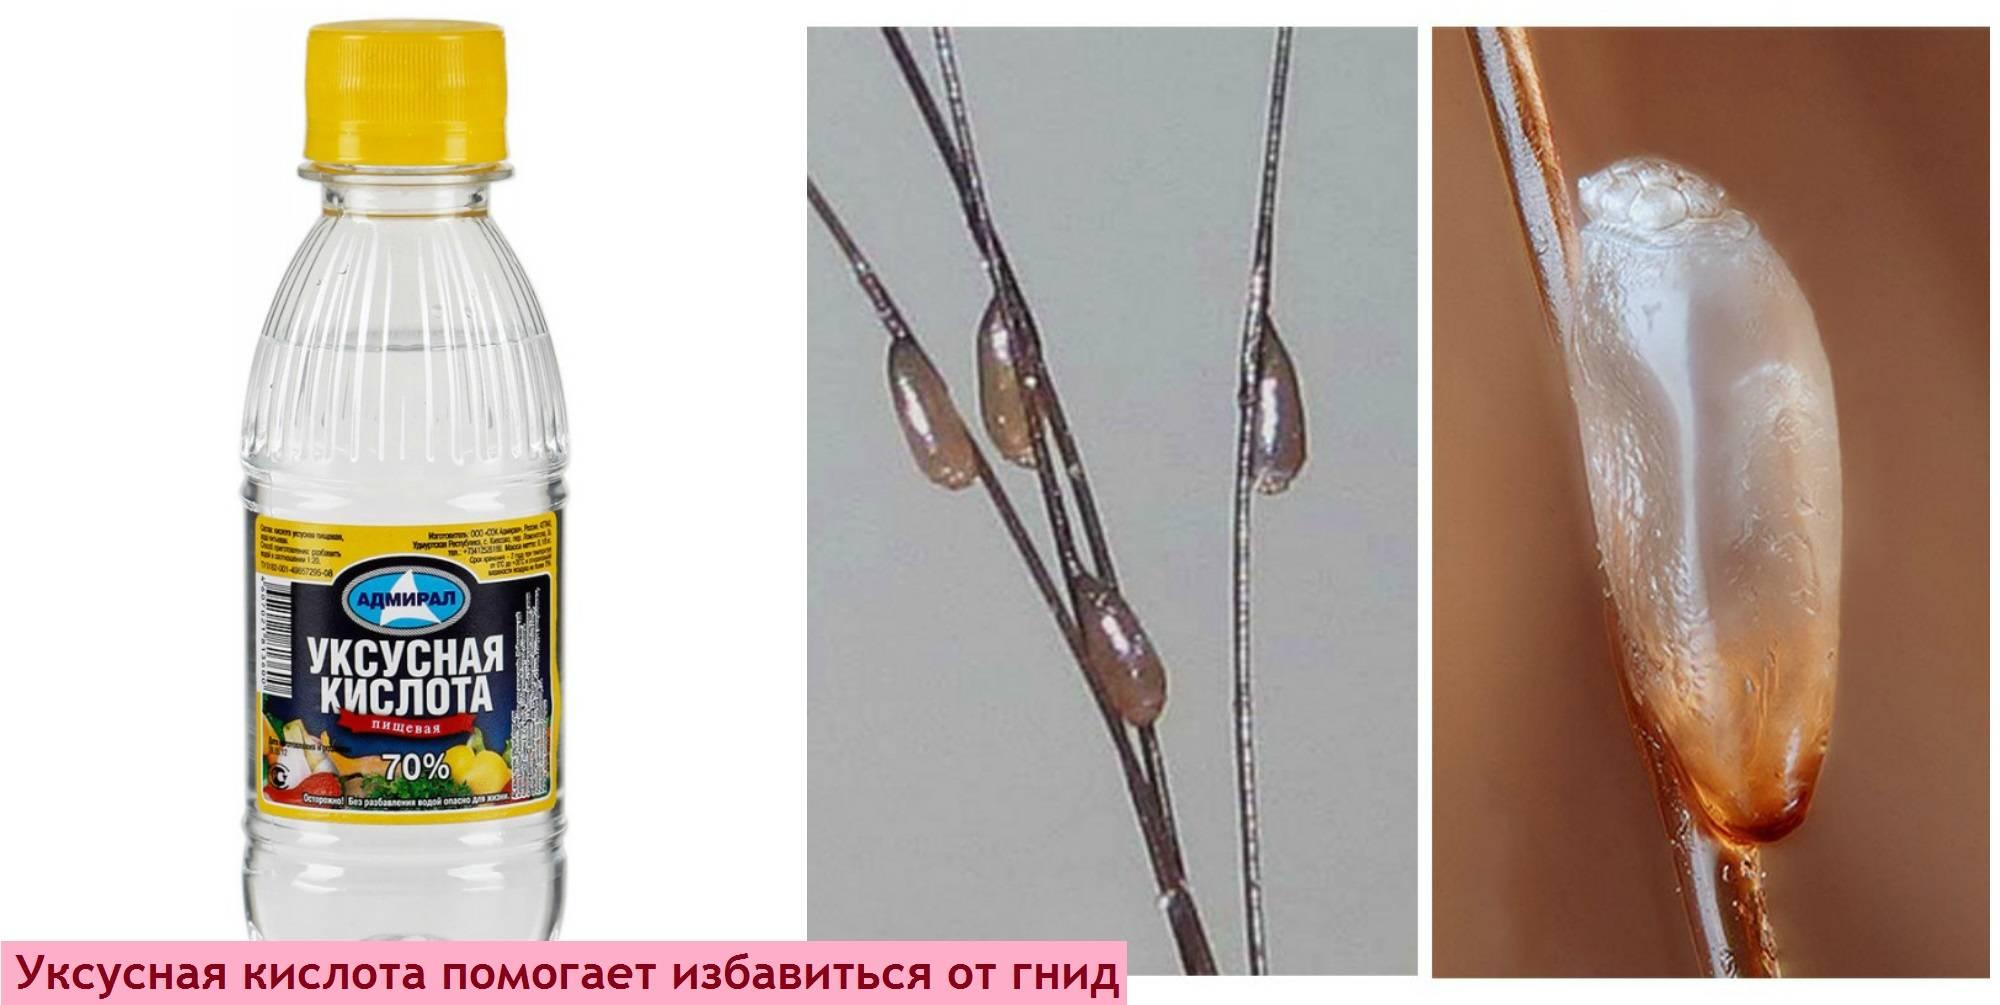 Способы применения дегтярного мыла от вшей и гнид, отзывы об эффективности | | prod make up